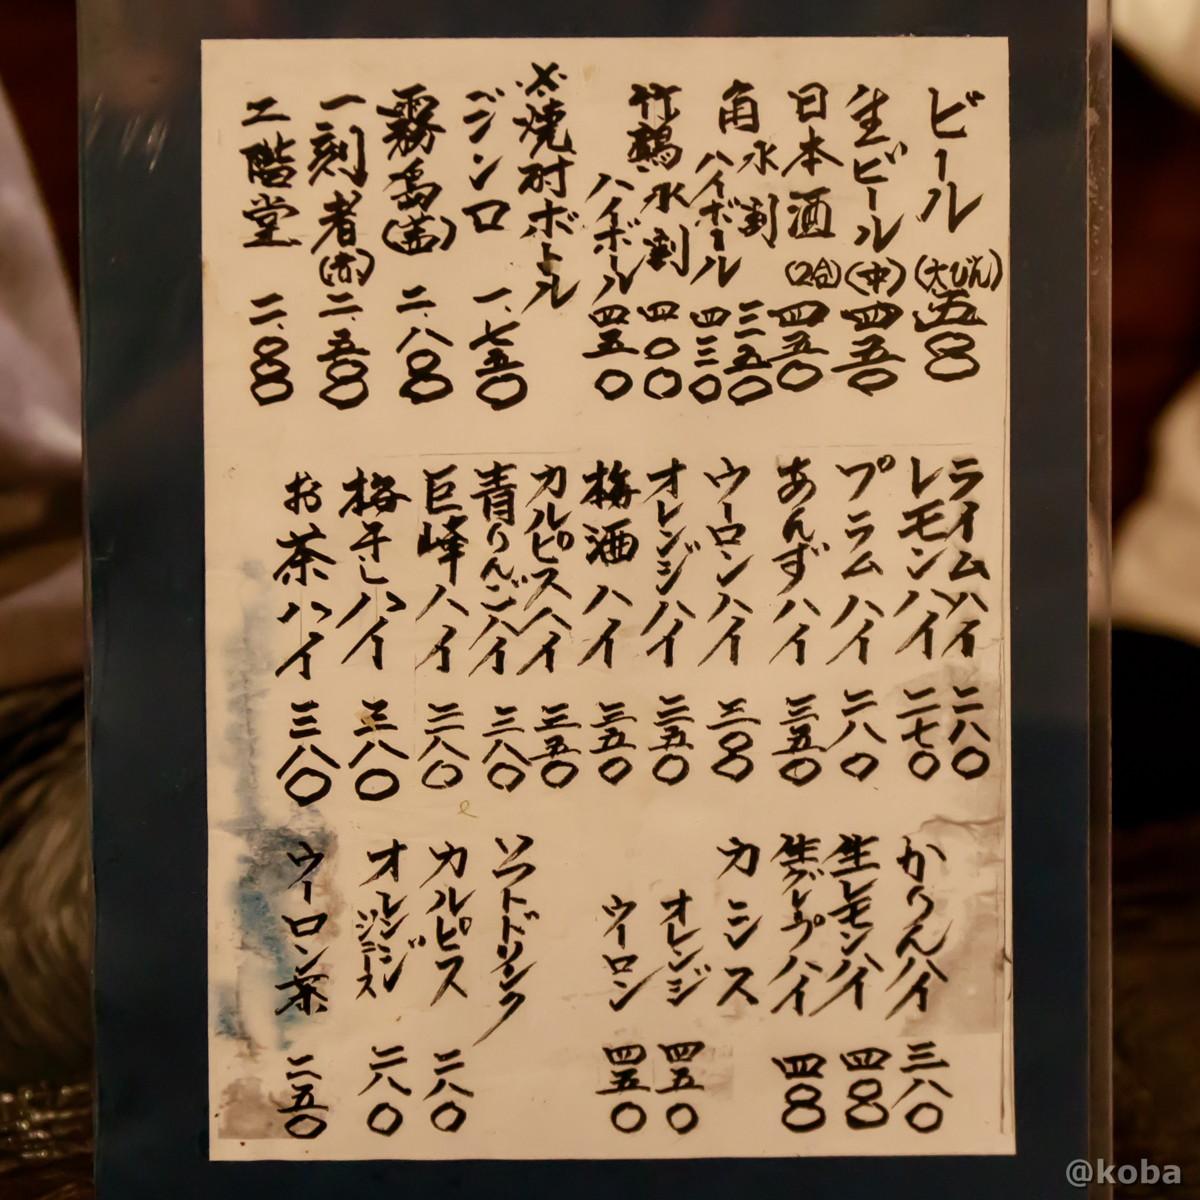 メニューの写真|酒蔵 庵(いおり)昭和 居酒屋|東京都葛飾区・新小岩|こばブログ